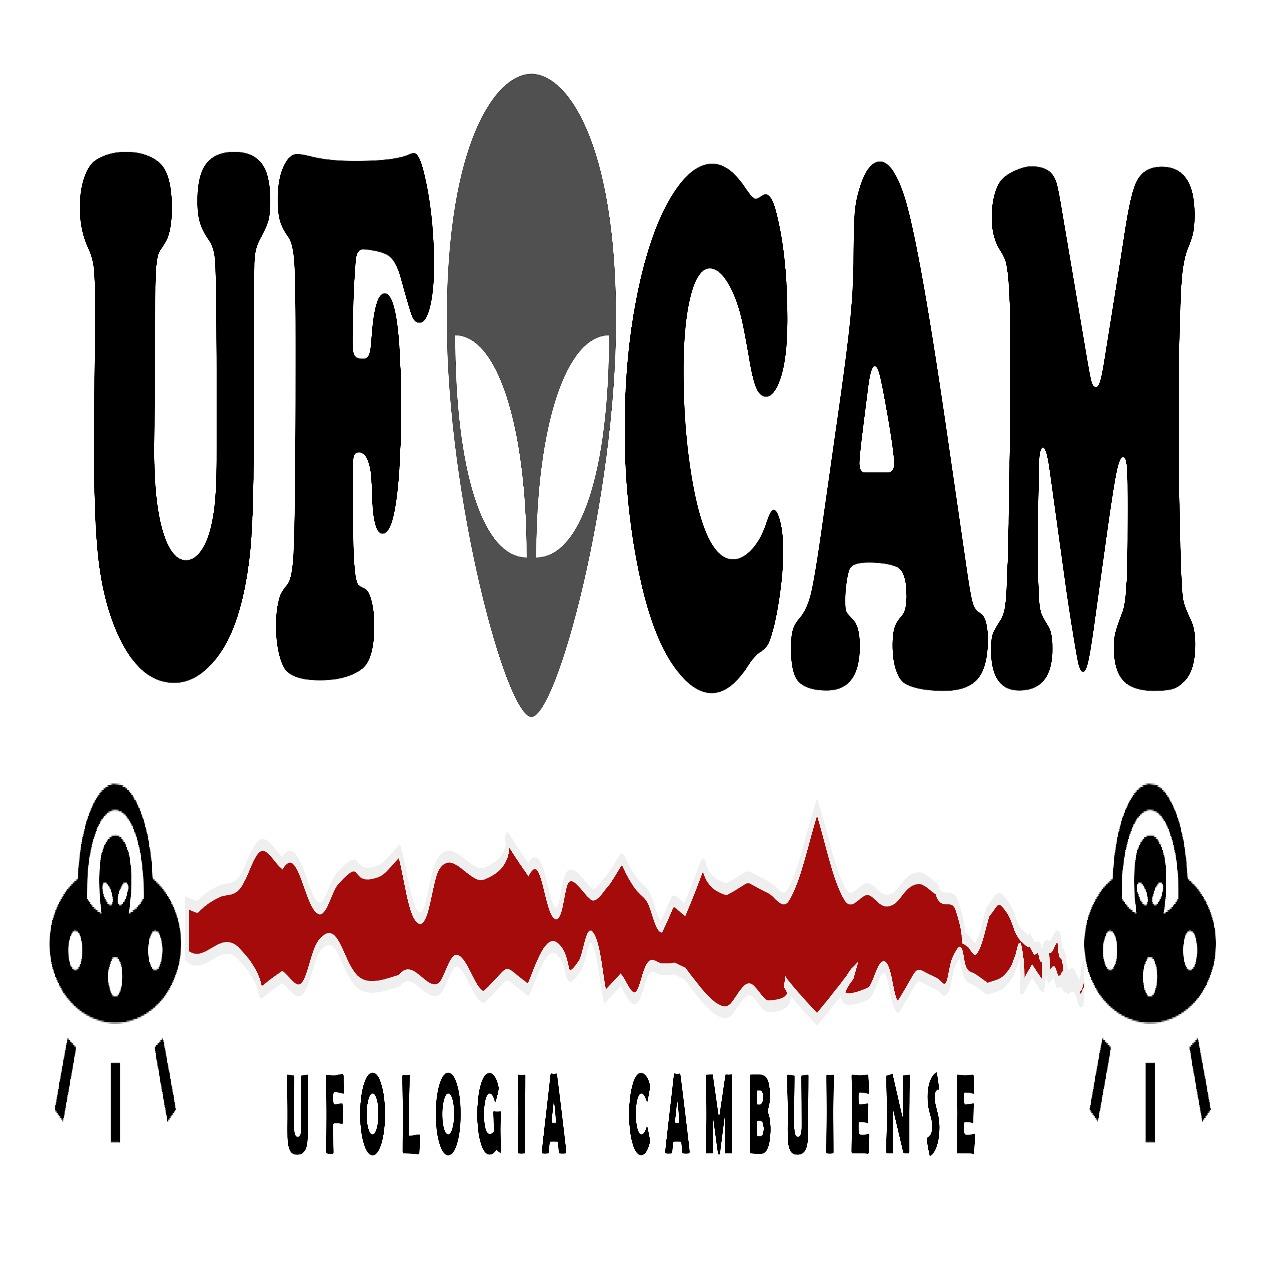 ufocam